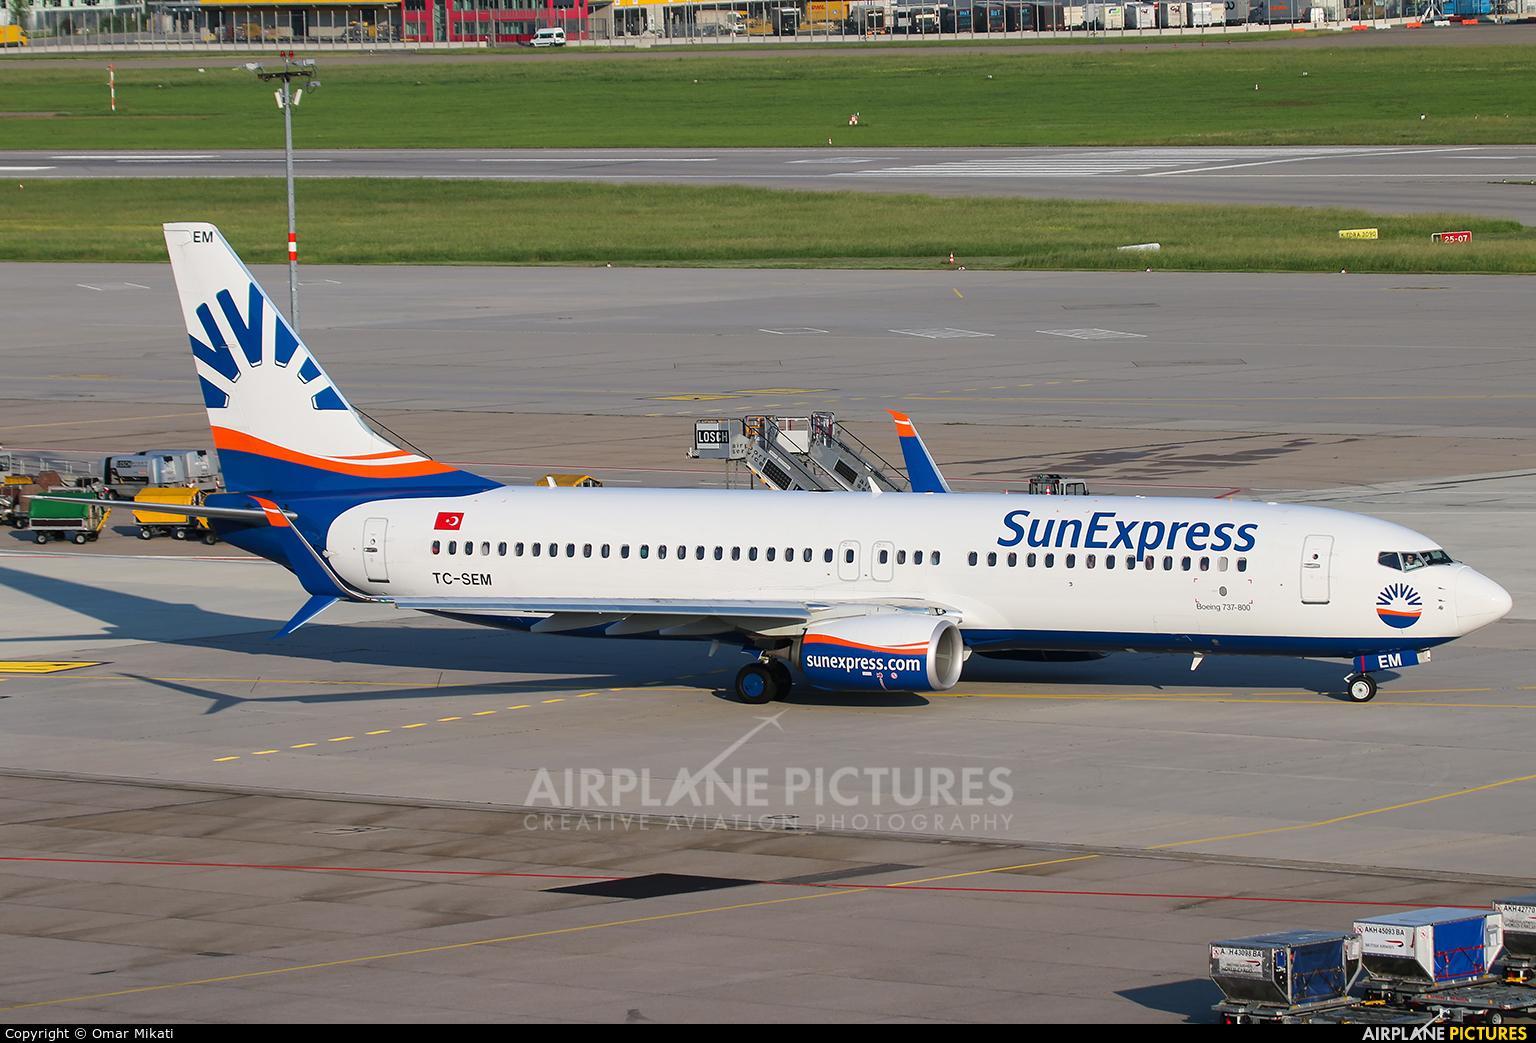 SunExpress TC-SEM aircraft at Stuttgart